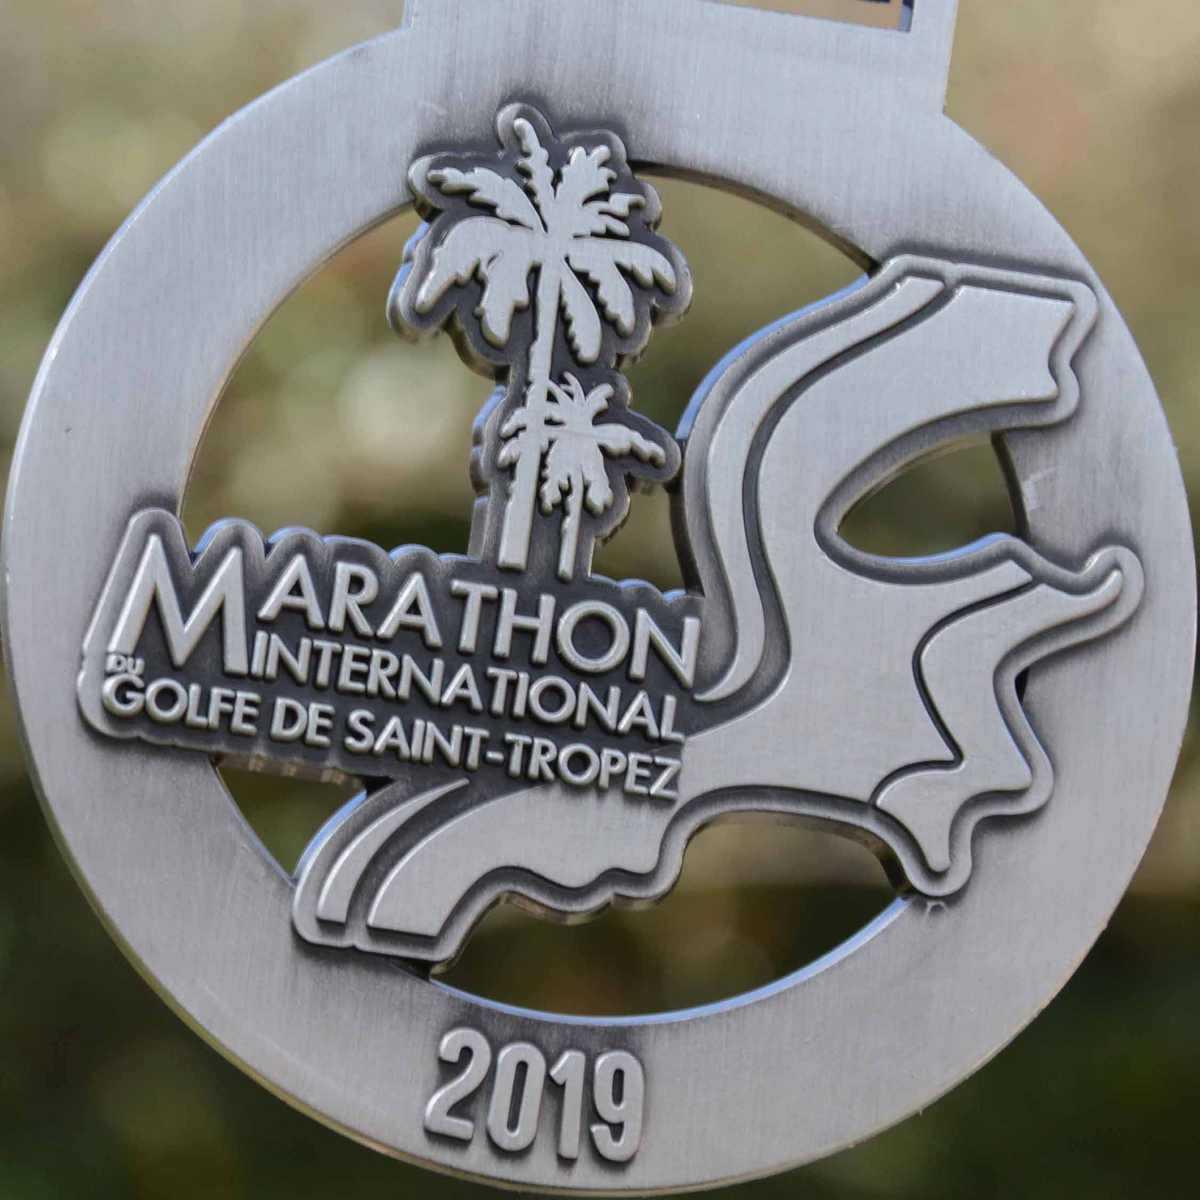 Médaille ronde créée pour le marathon international du Golfe de Saint Tropez